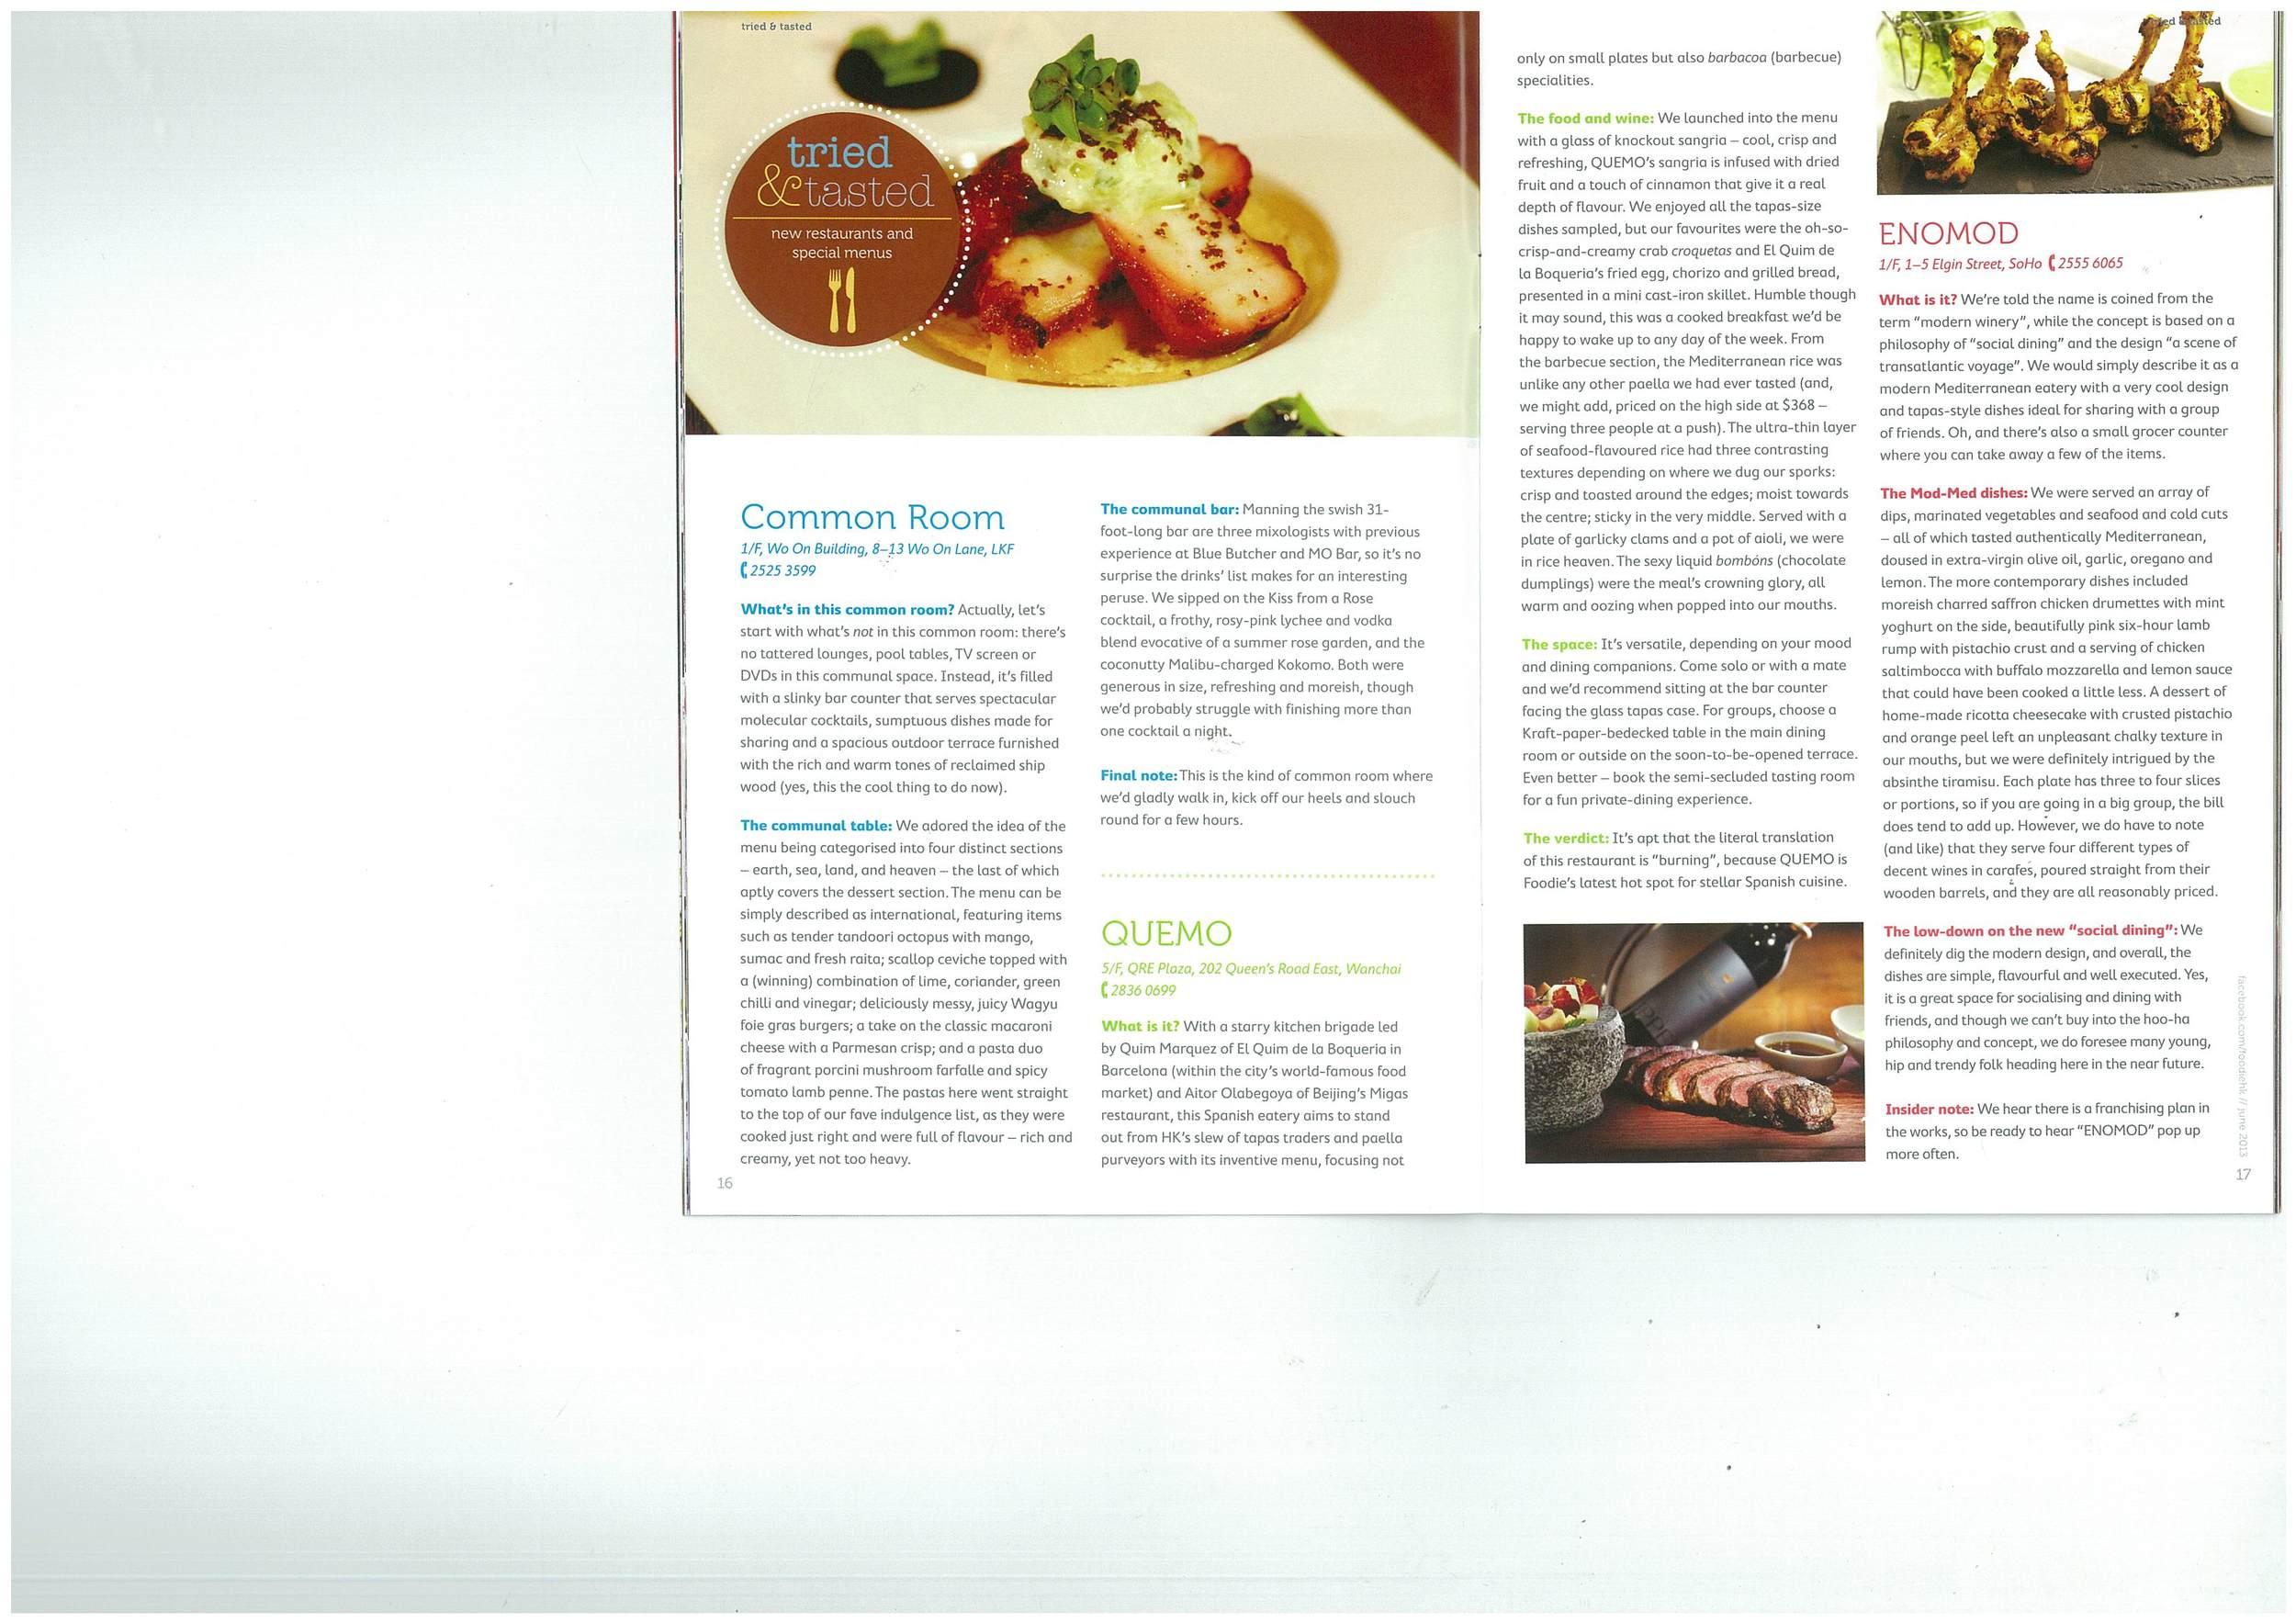 ENOMOD - Jun - Foodie (P16-17).jpg